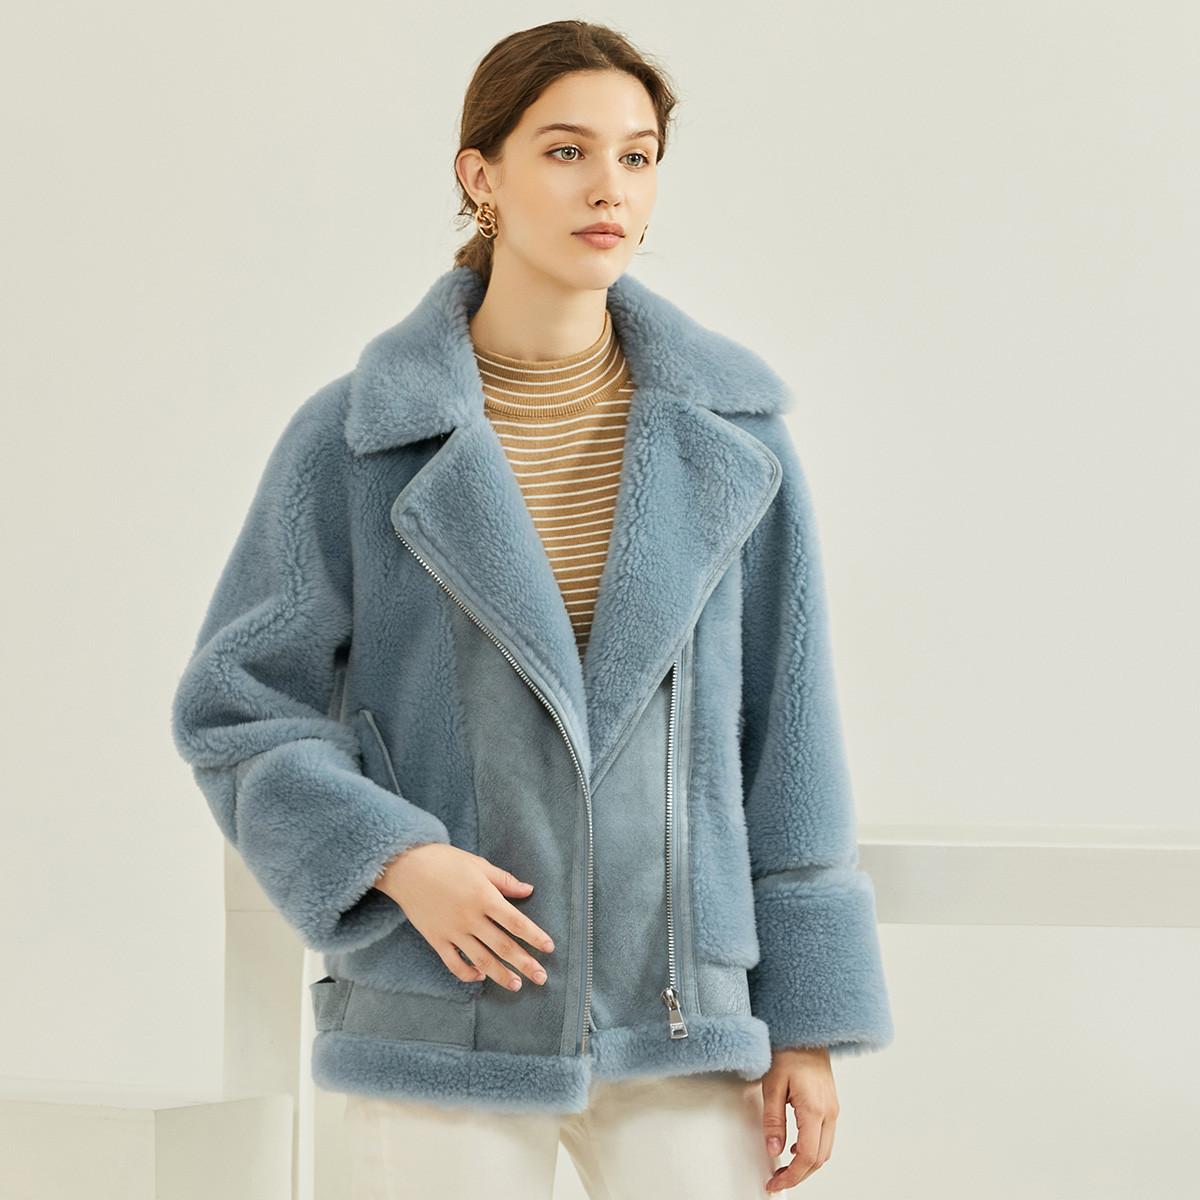 波斯雷顿新款时尚颗粒羊毛短款单排扣羊剪绒皮草女外套2004319